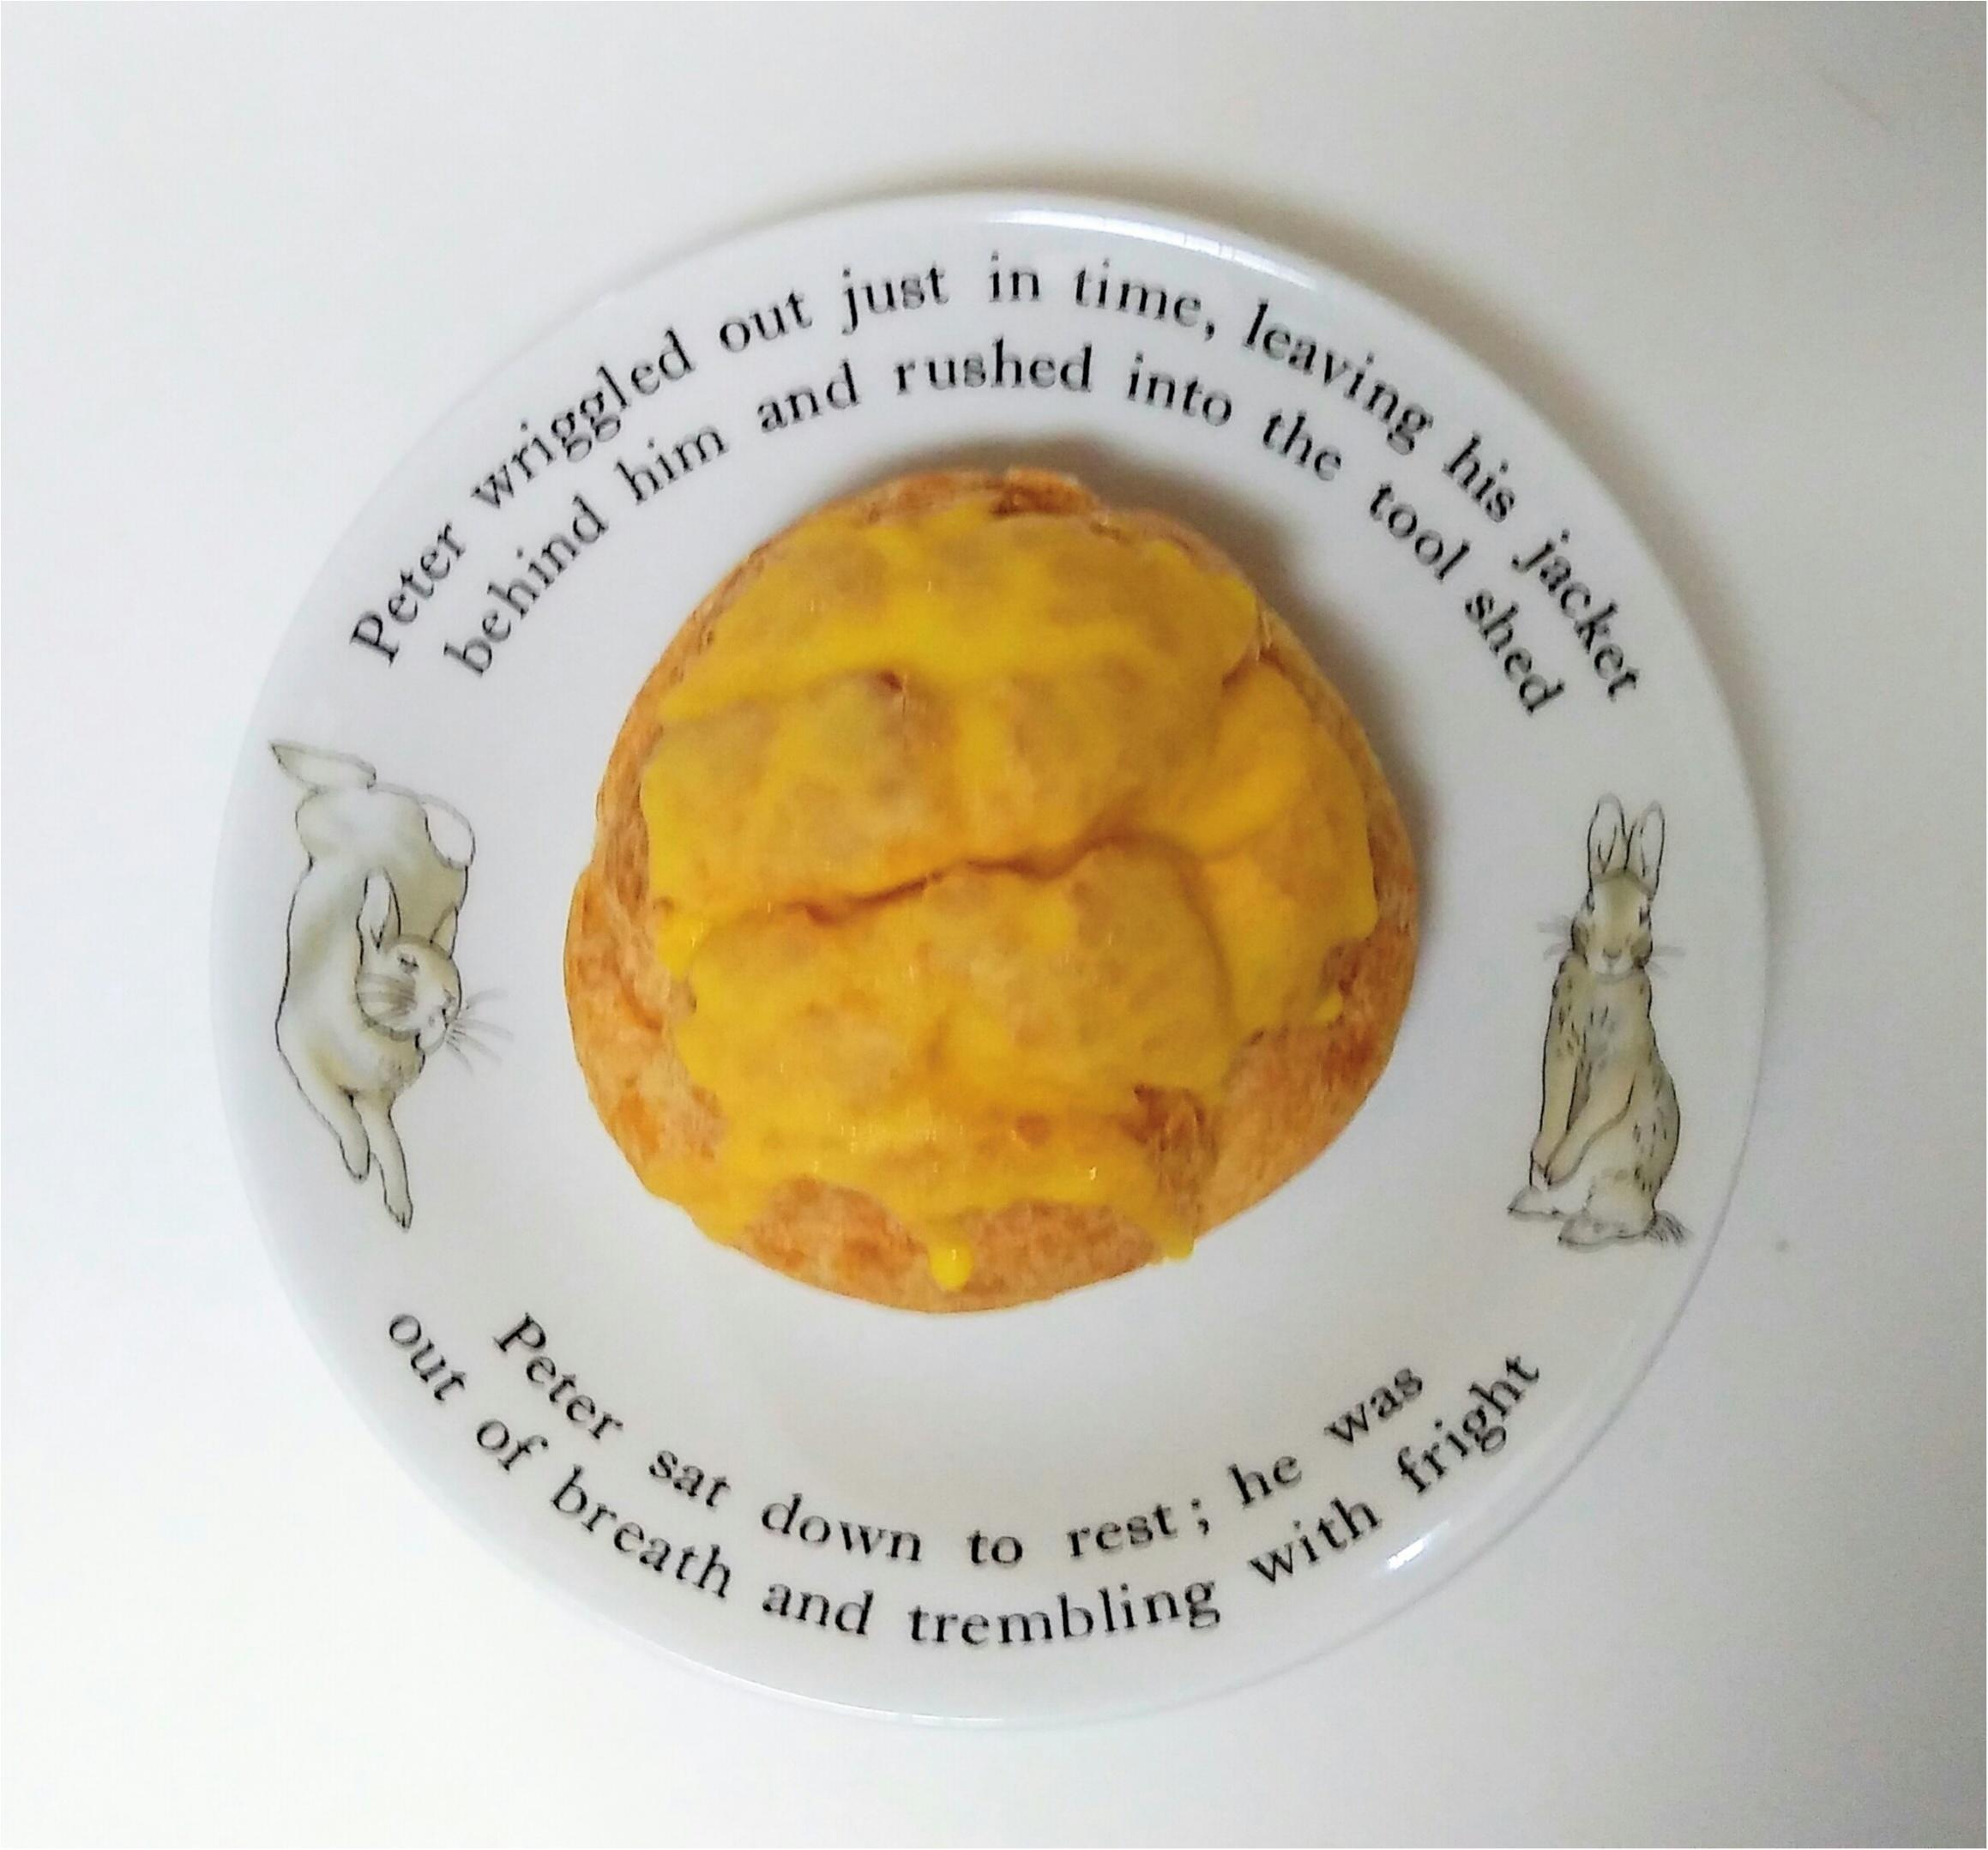 【ローソンウチカフェ】クリームチーズたっぷりなチーズ&レモンのシュクリーム_2